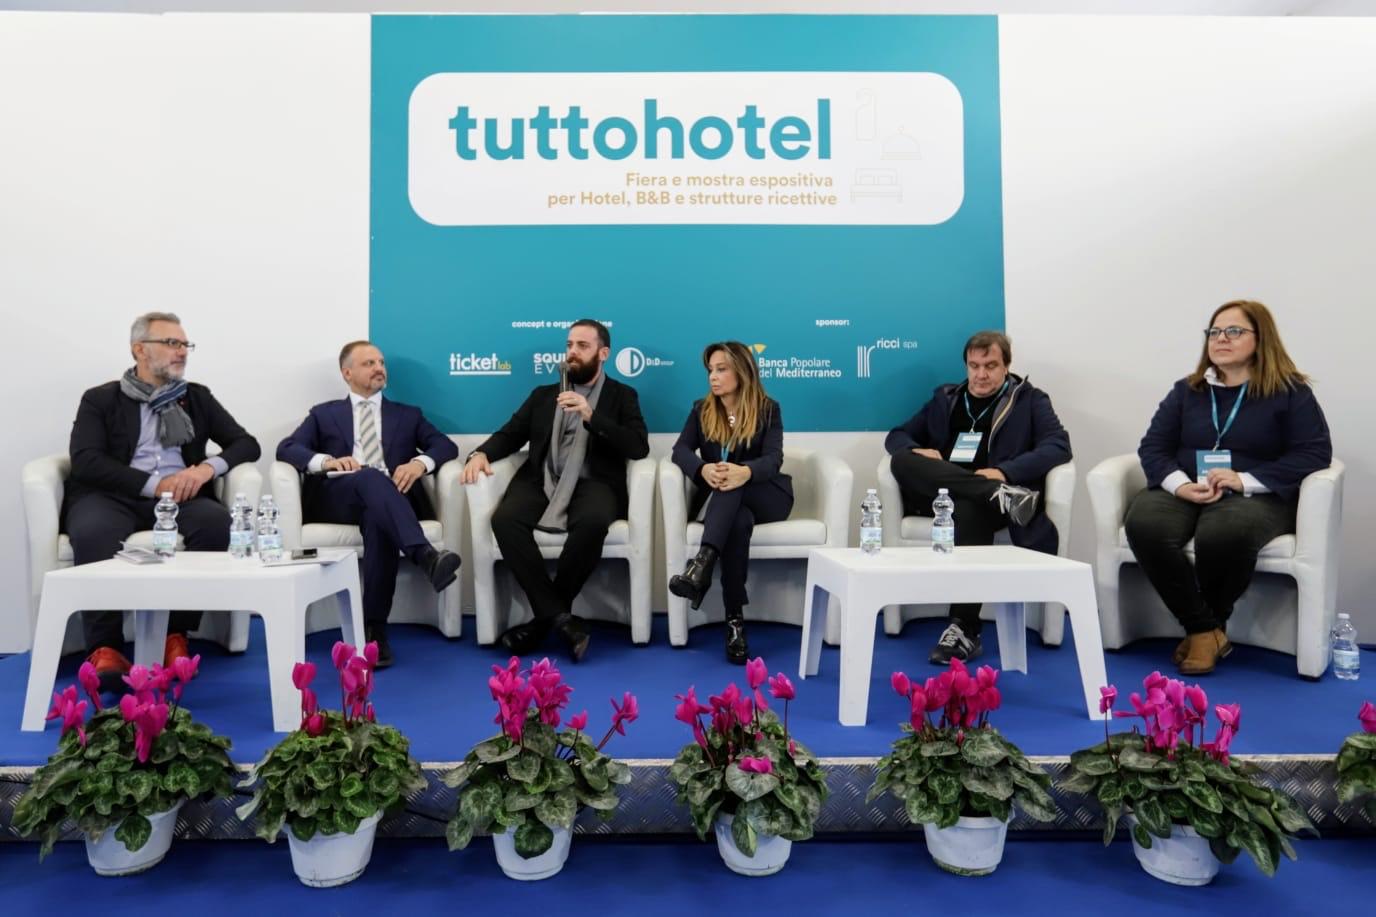 Inaugurata a Napoli Tuttohotel, fiera e mostra espositiva per hotel e ricettività